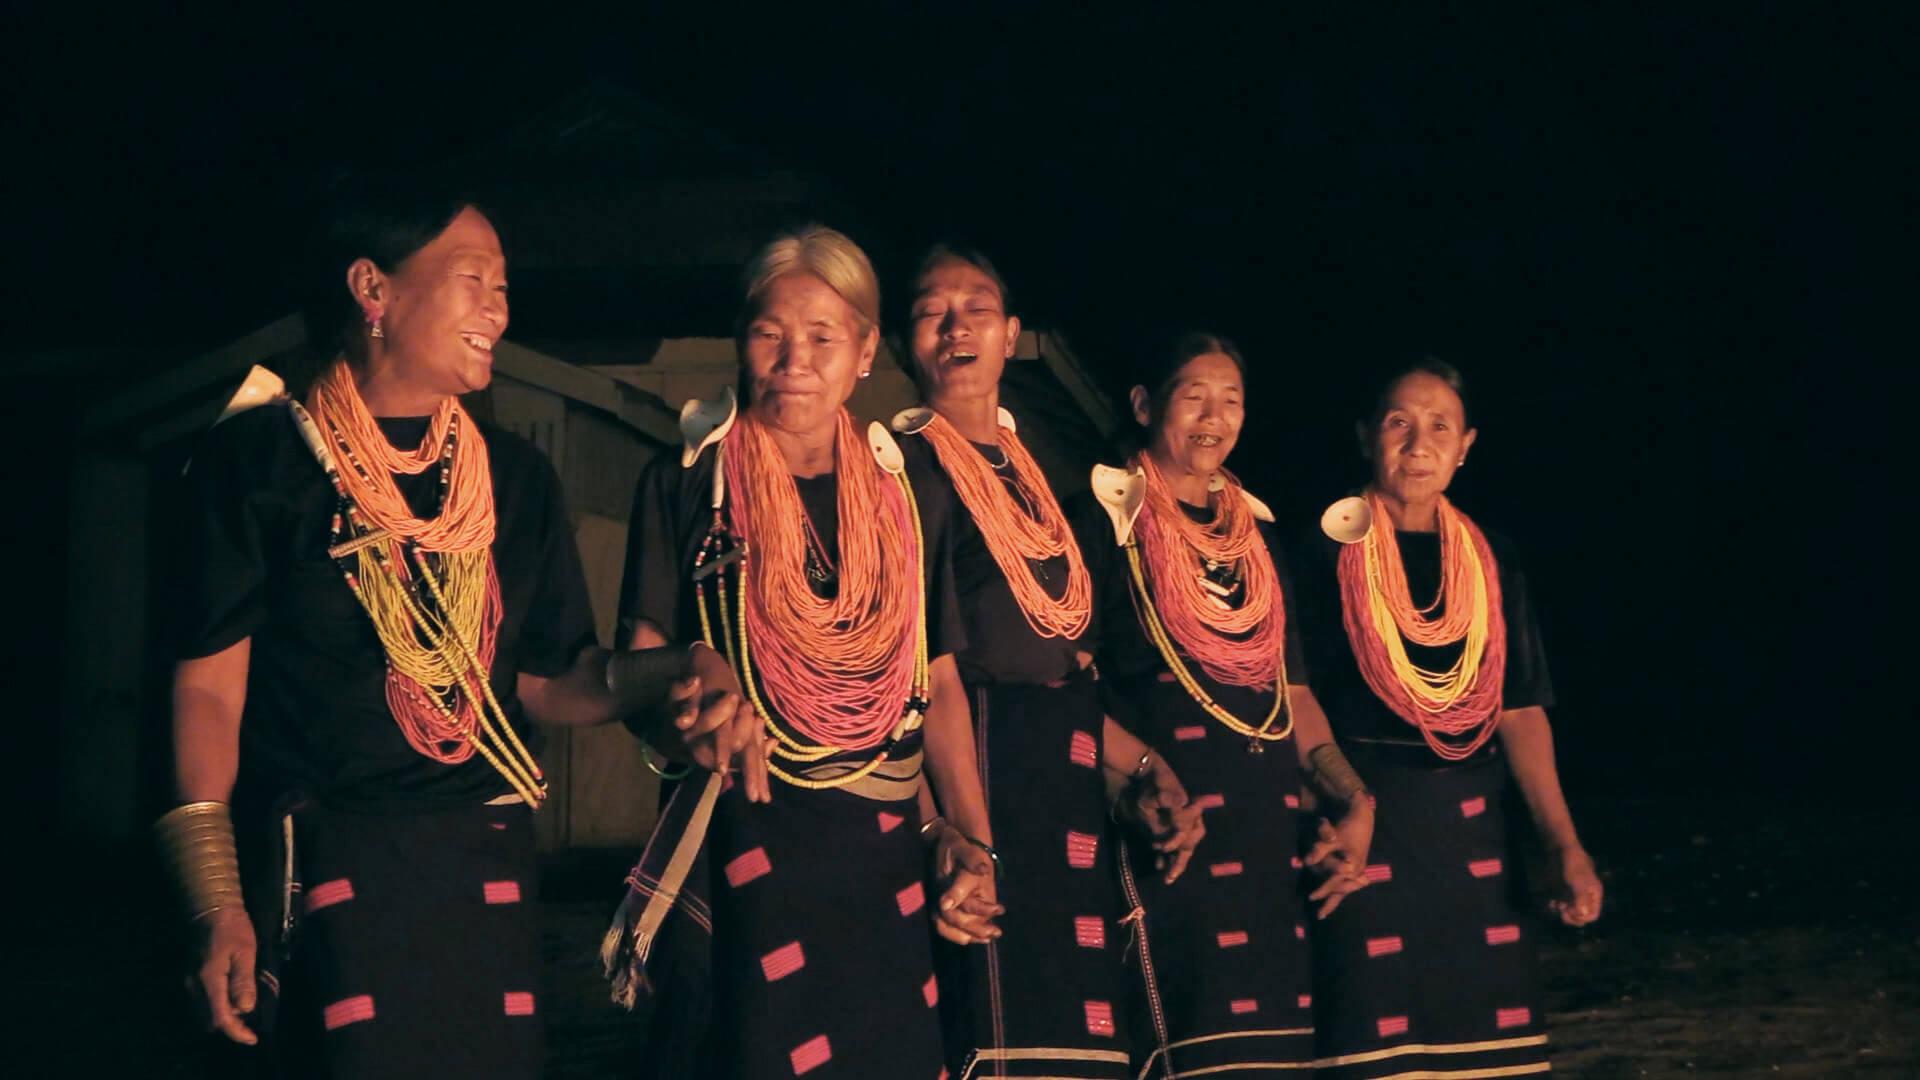 ミャンマーの文化とともに —— コムアイ、オオルタイチ、井口寛が語る音を通じた繋がり interview210917_staywithmyanmar_7